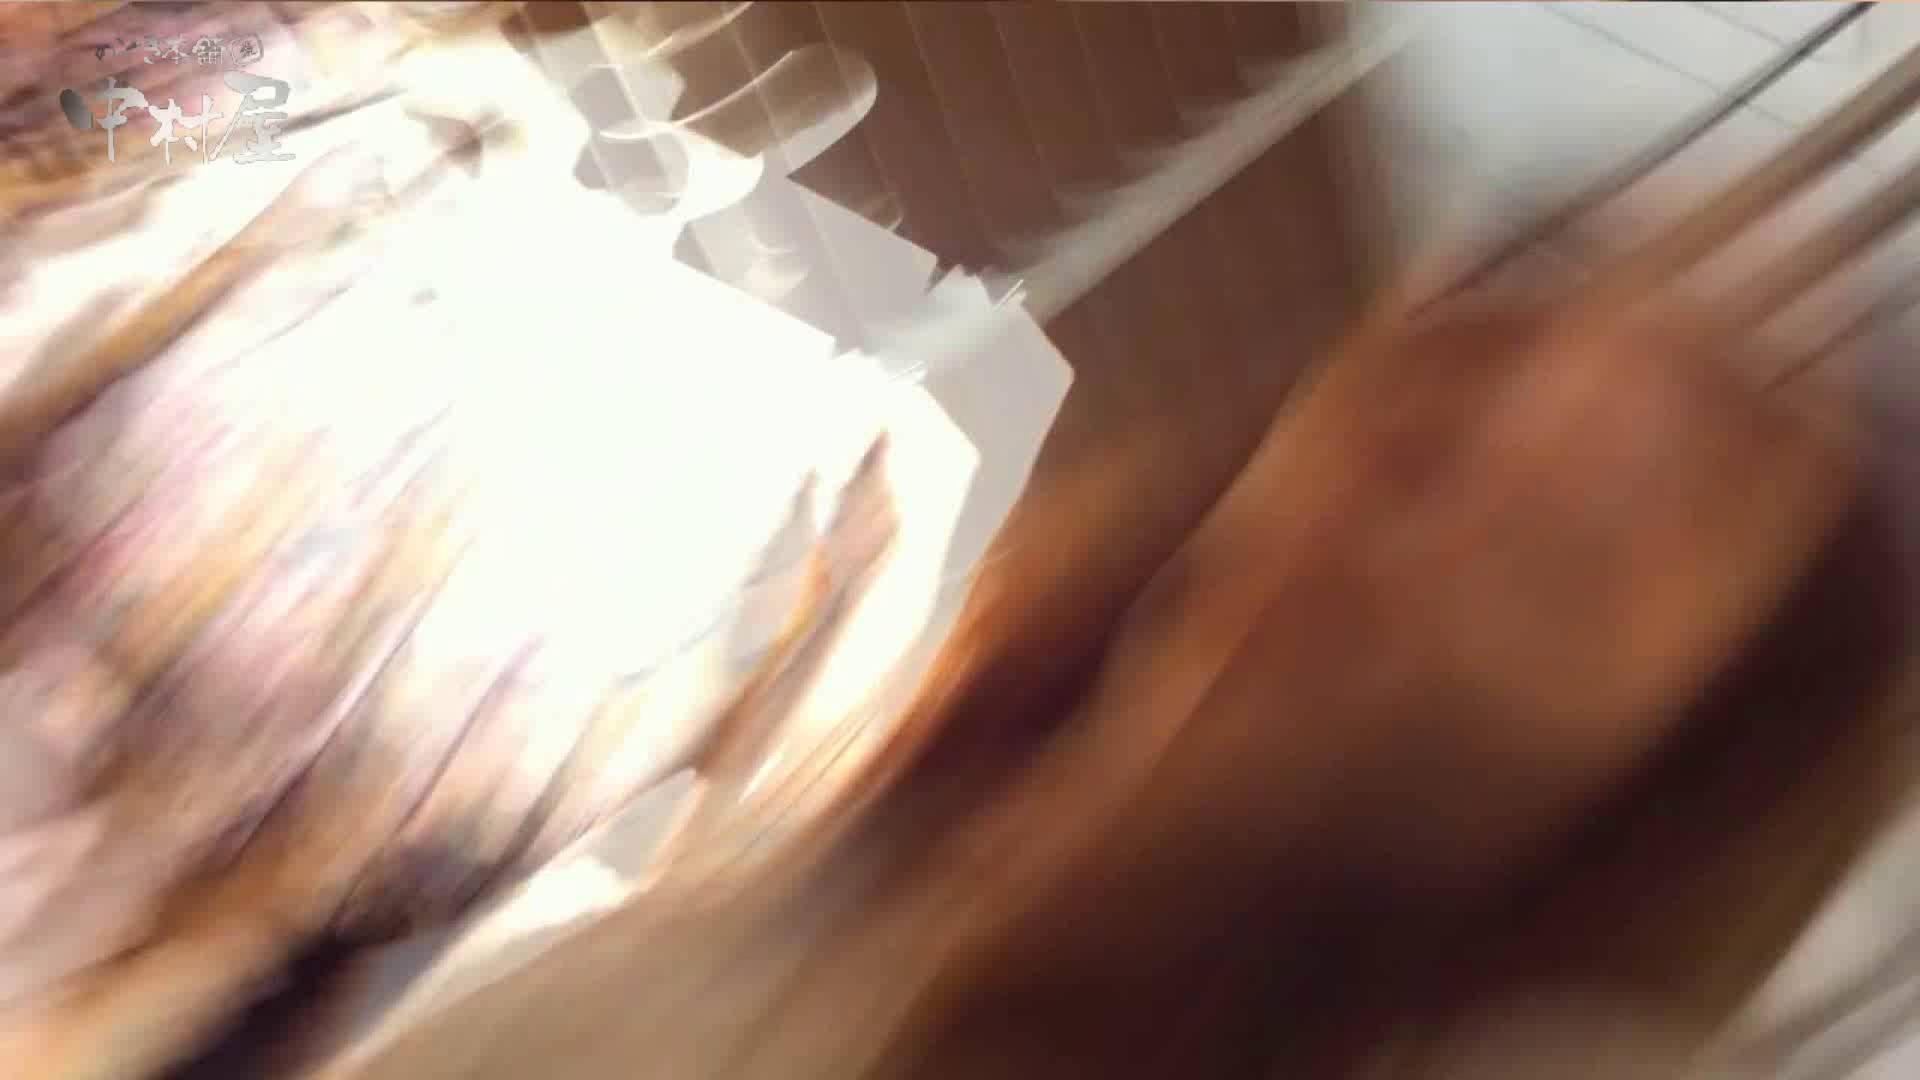 vol.85 美人アパレル胸チラ&パンチラ そそる唇の店員さん HなOL ワレメ動画紹介 96pic 26